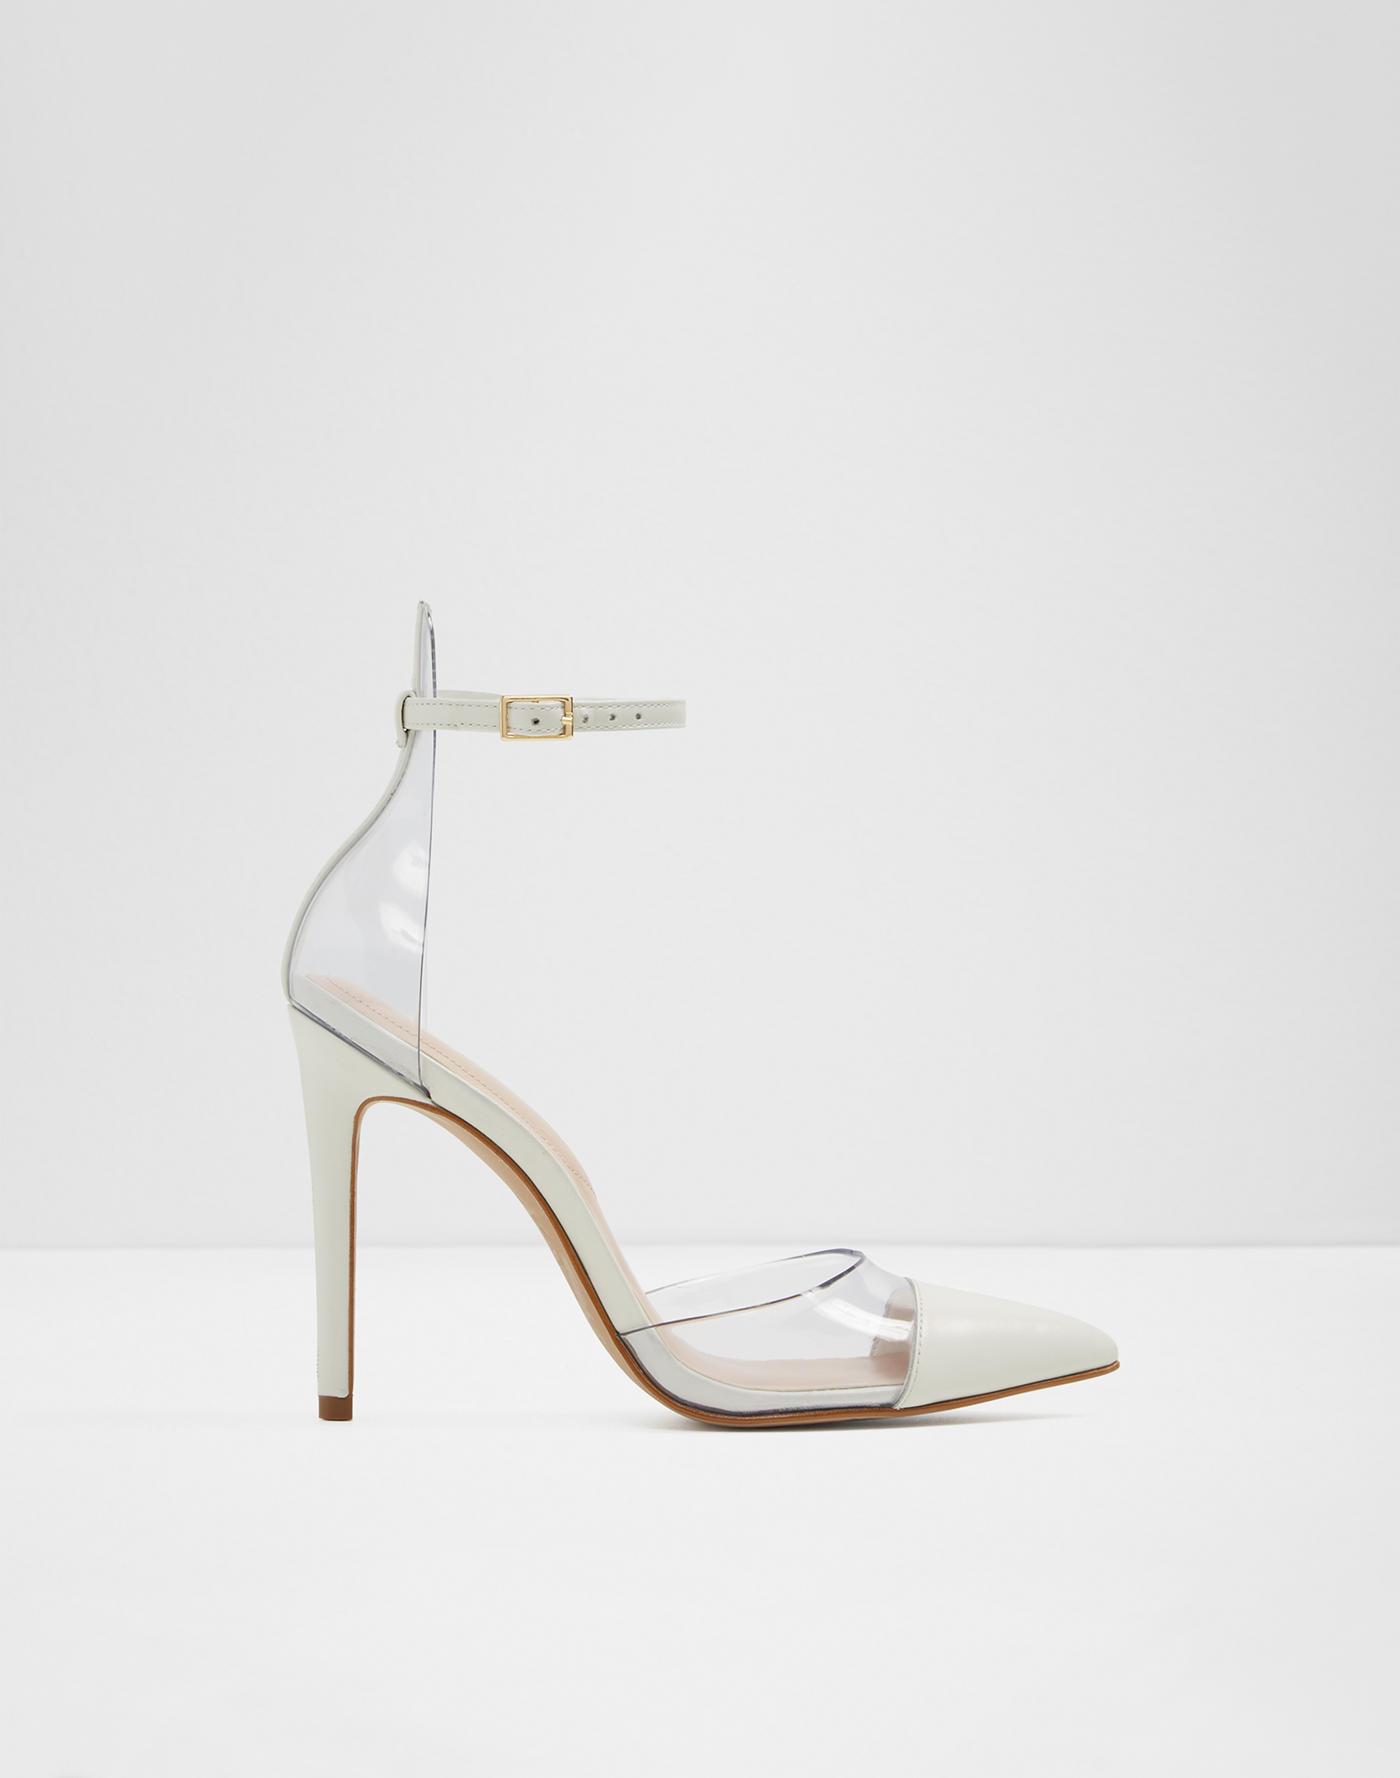 caa93c01cd89 Heels